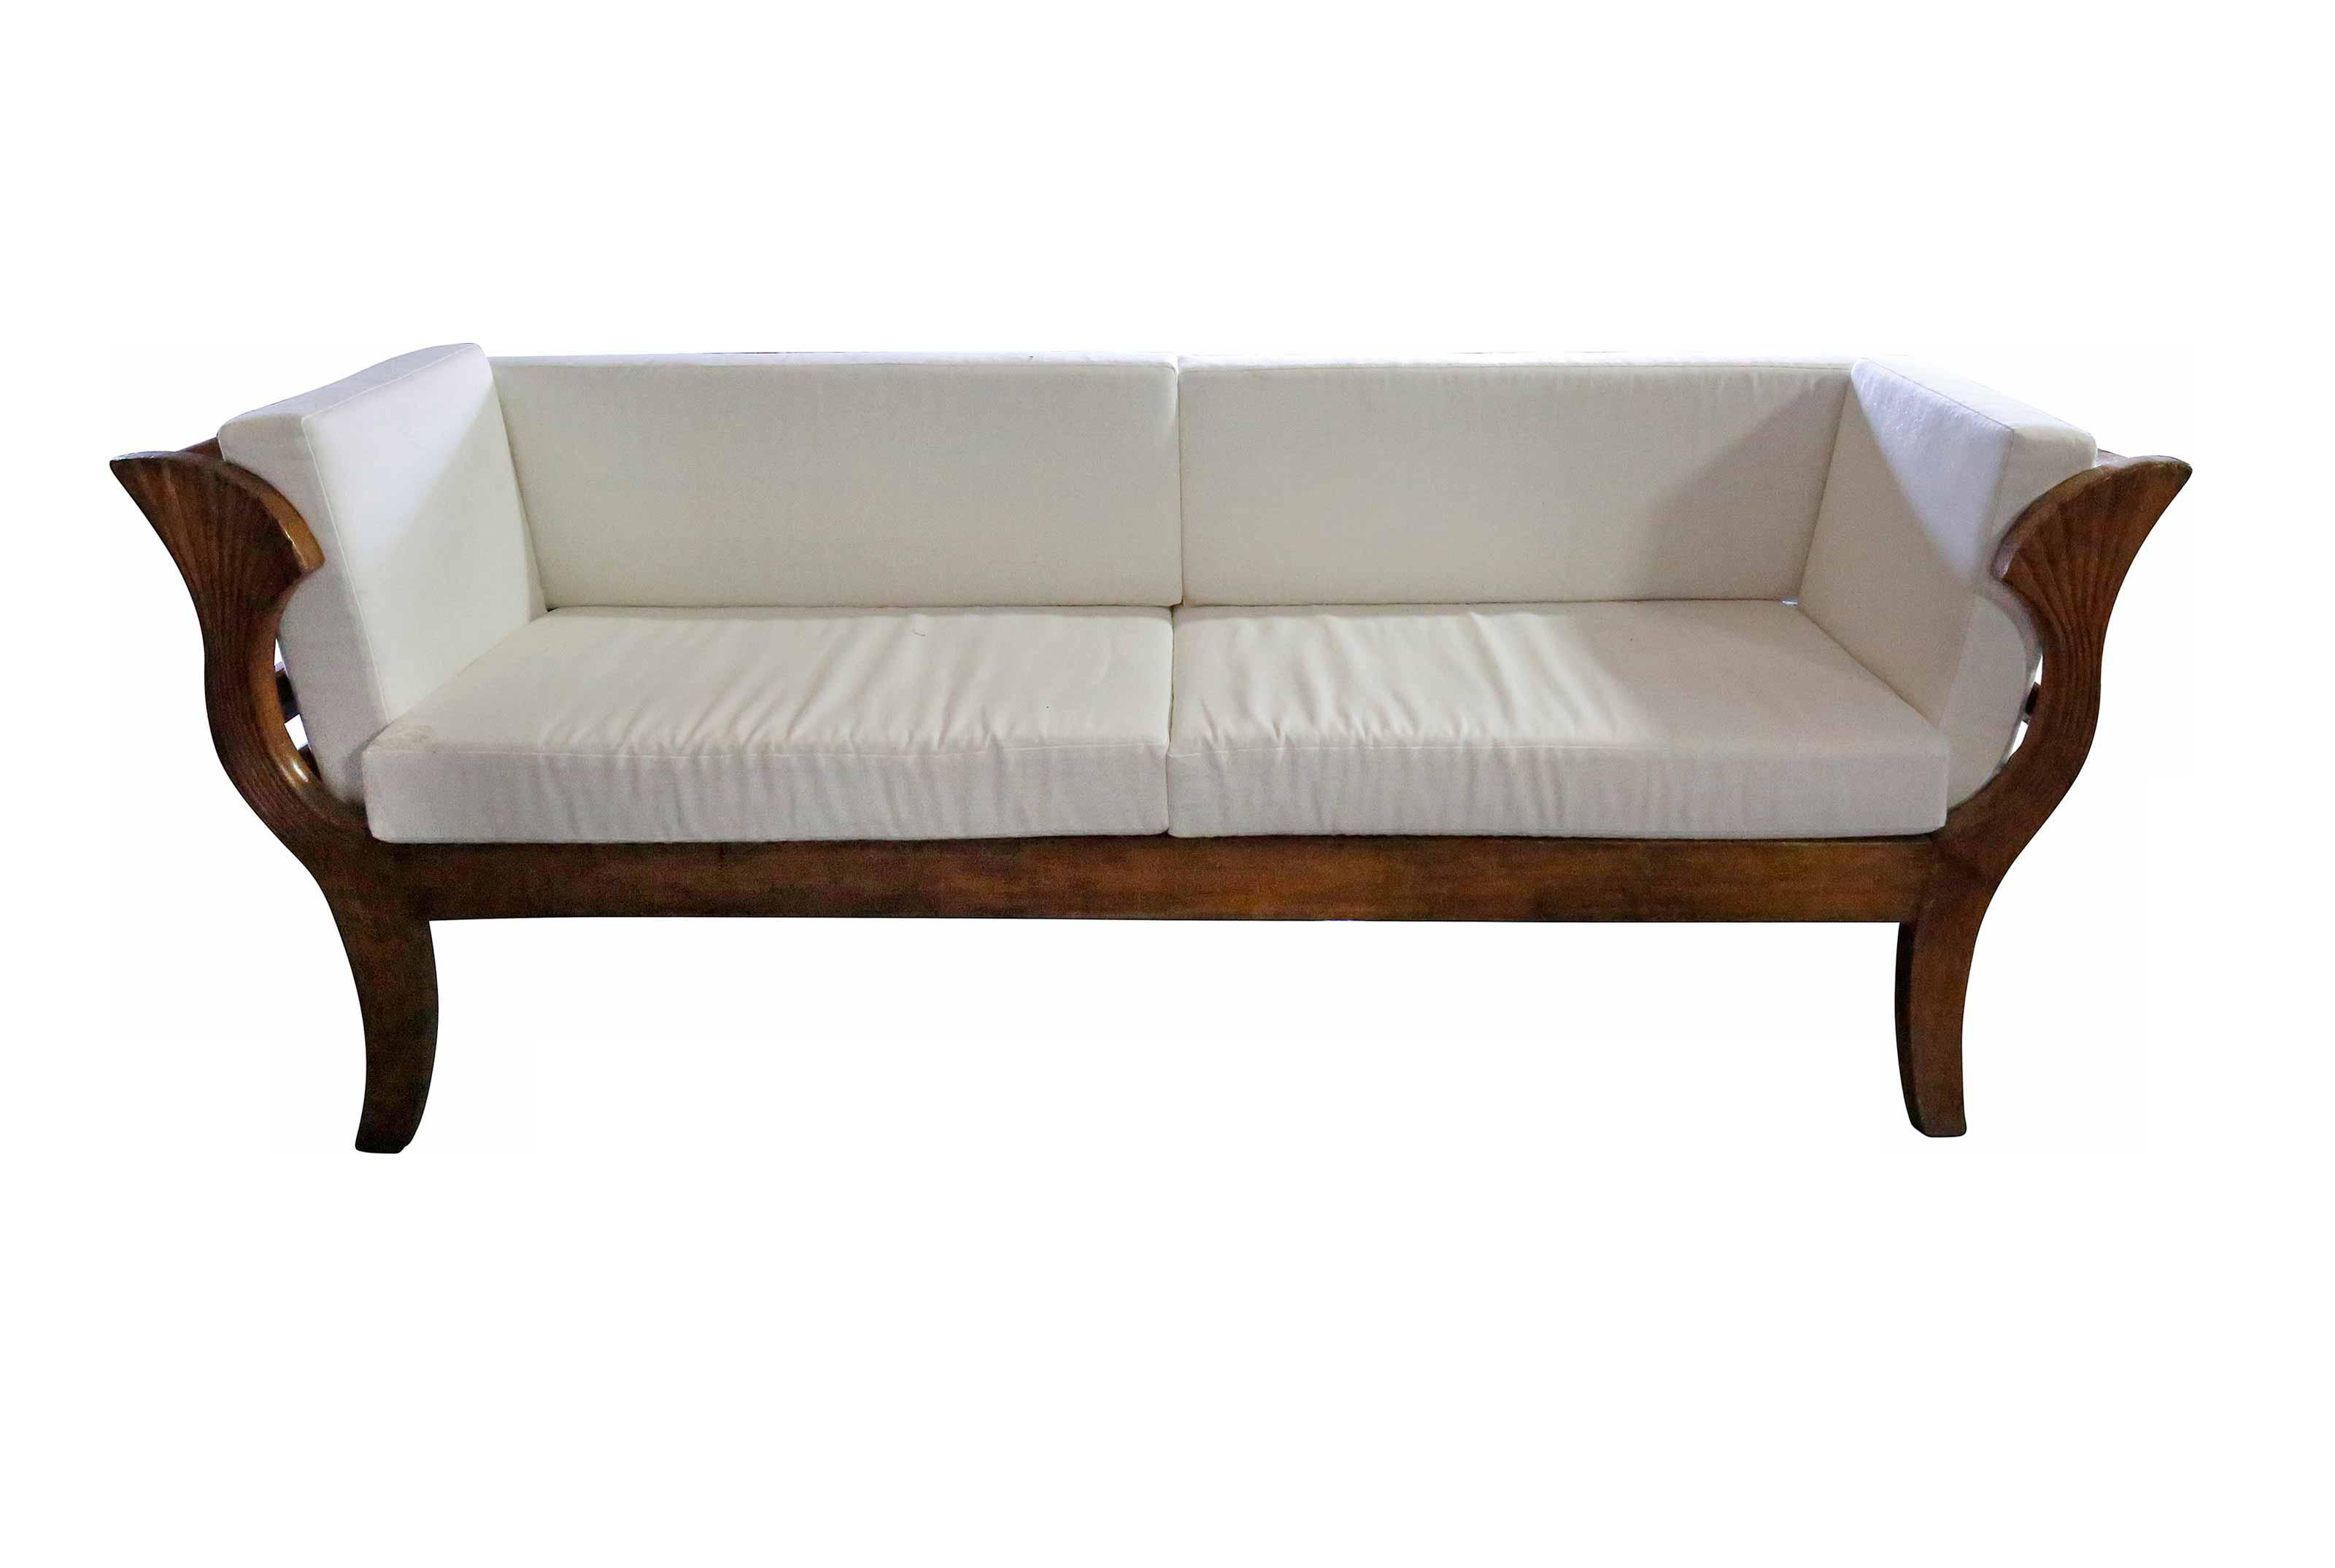 Sofa - Wooden Contemporary Sofa